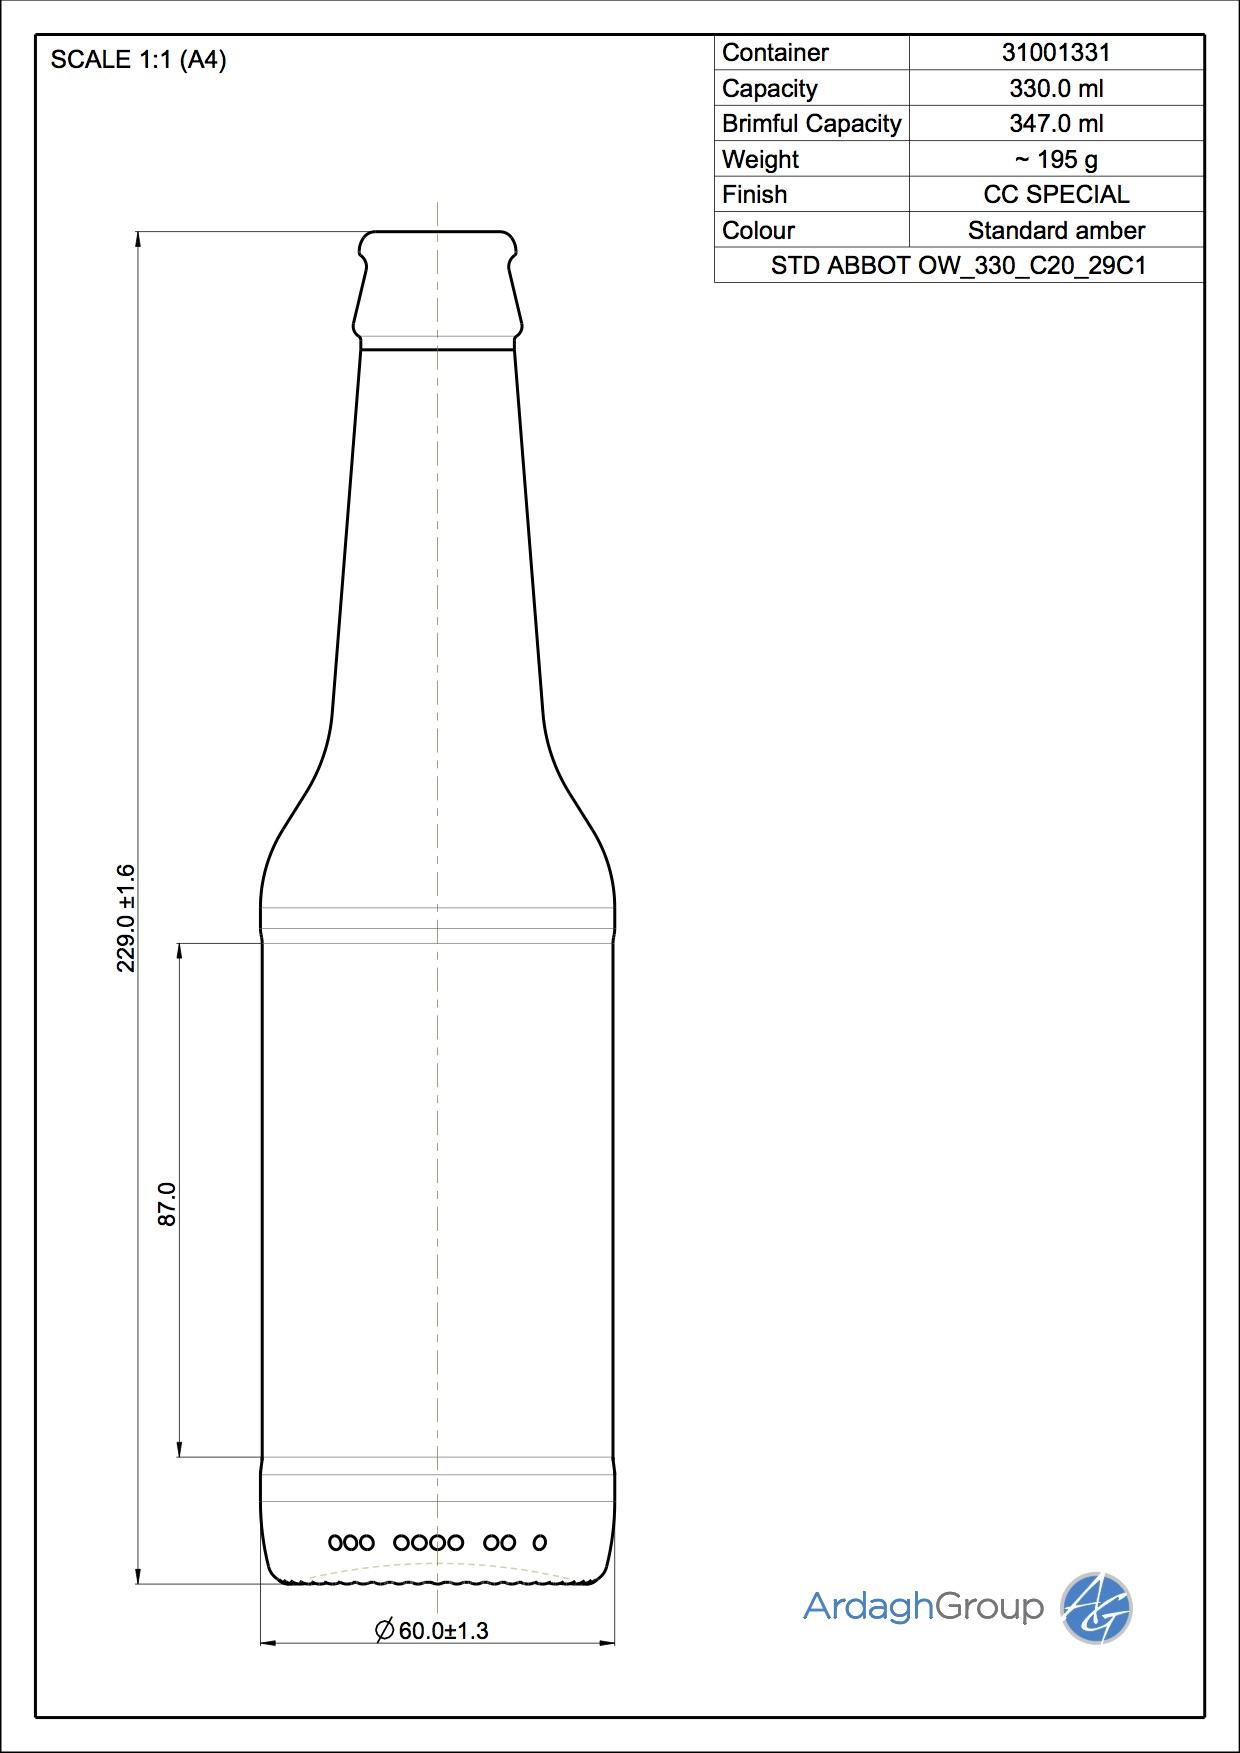 ABBOT OW 330 C20 29C1